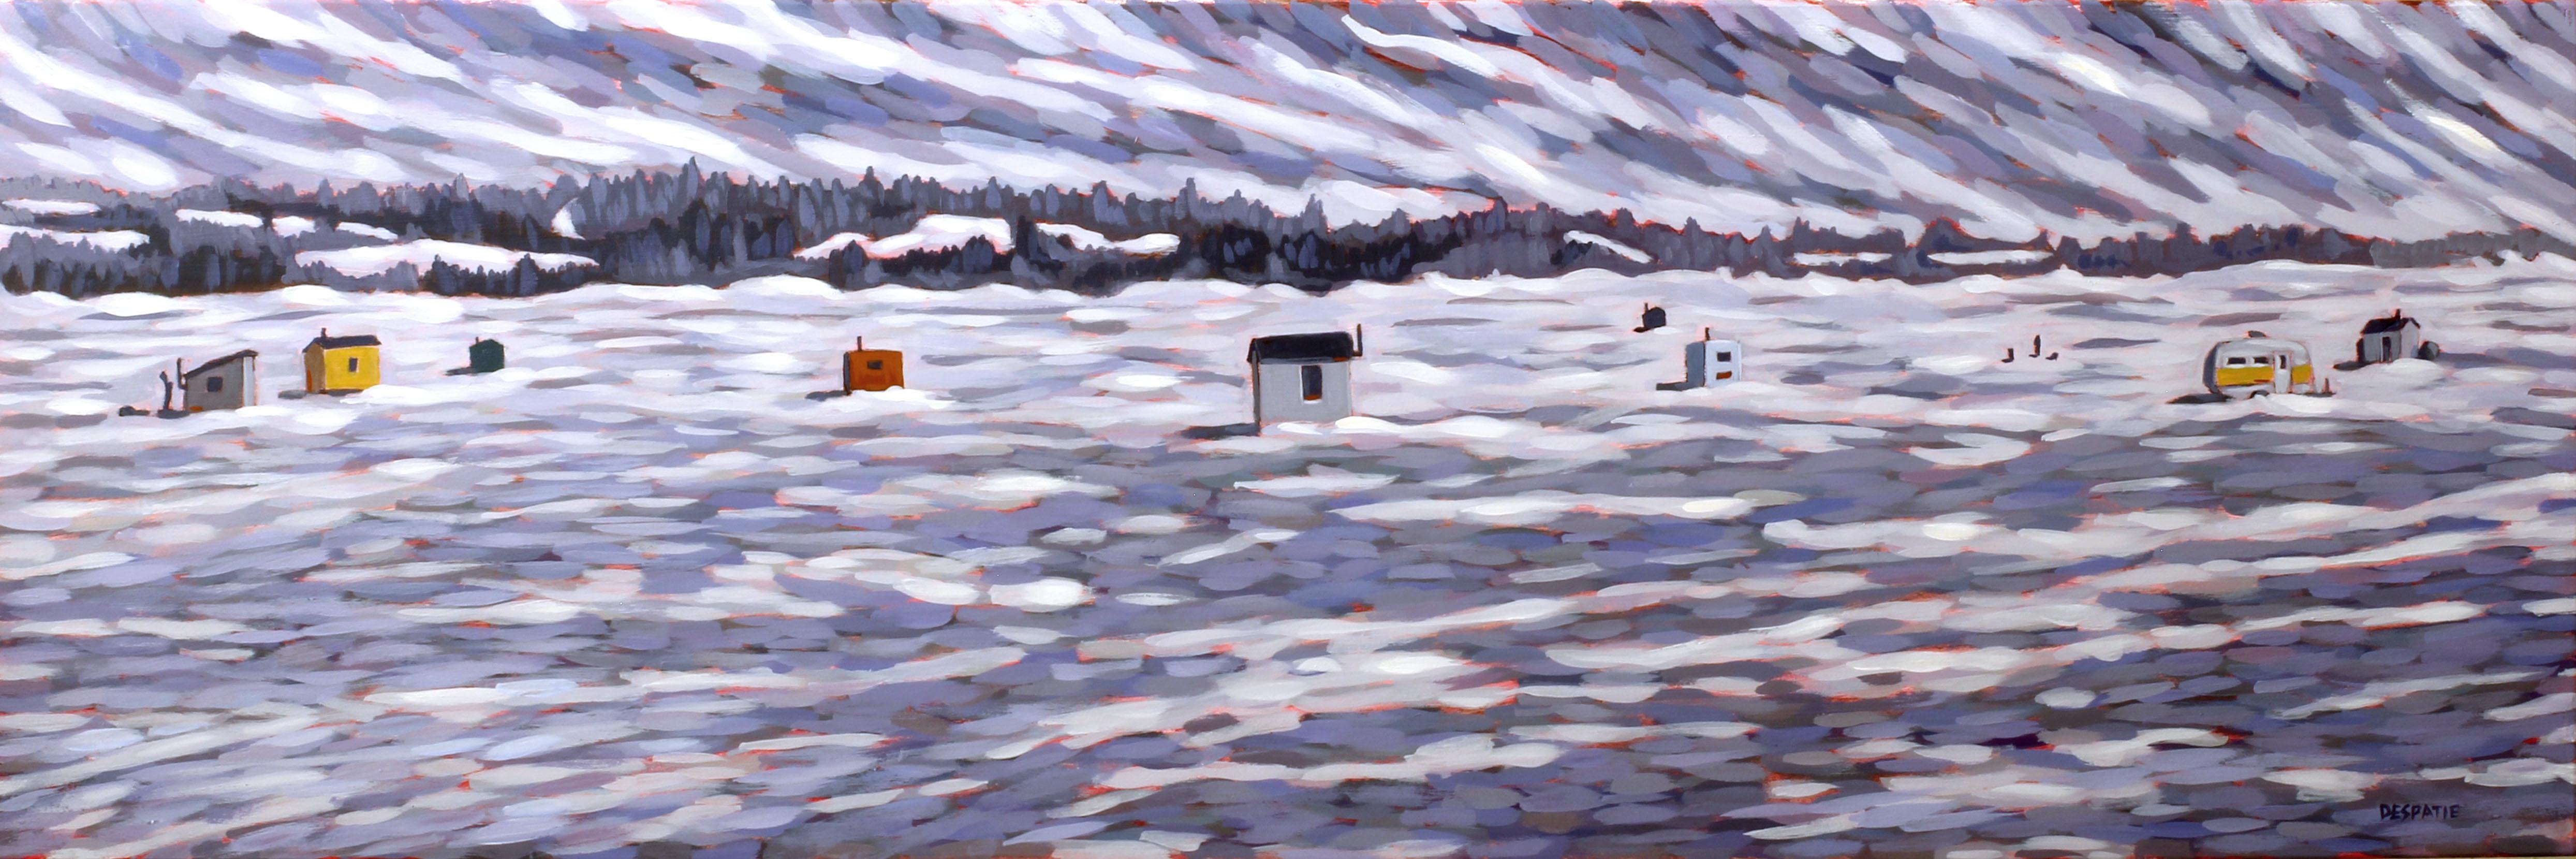 Ice Huts at Bewdley by Luke Despatie